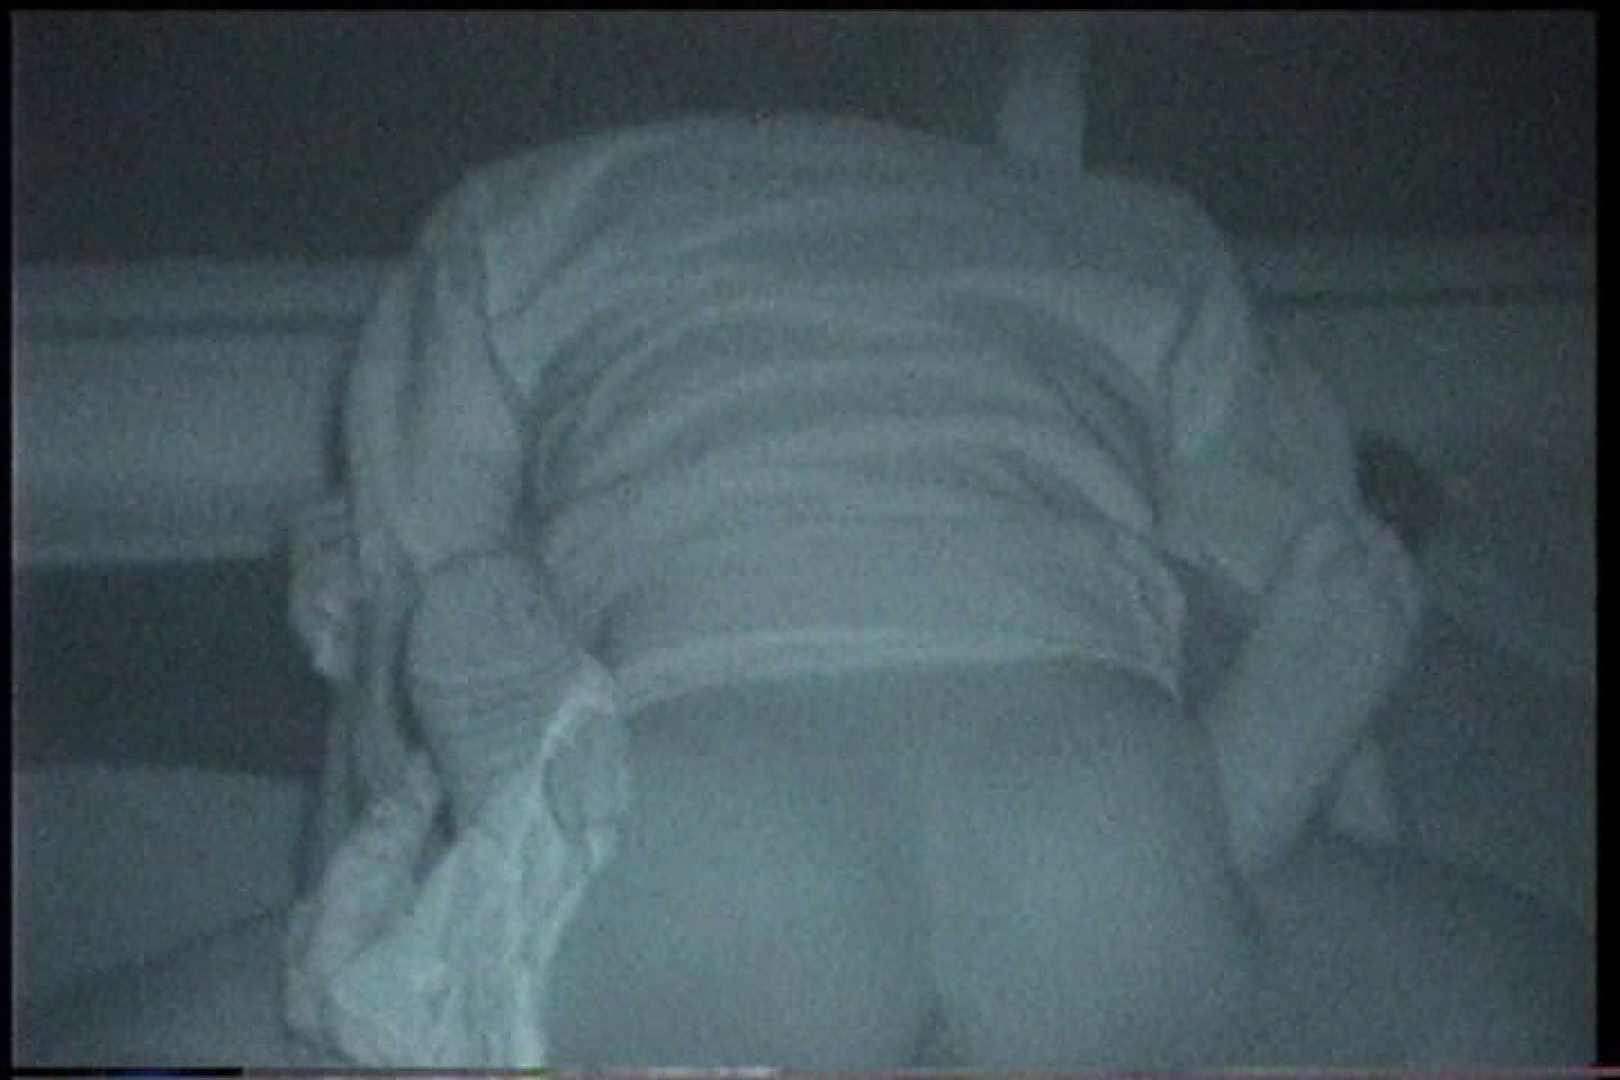 充血監督の深夜の運動会Vol.179 OLの実態 隠し撮りセックス画像 89pic 23